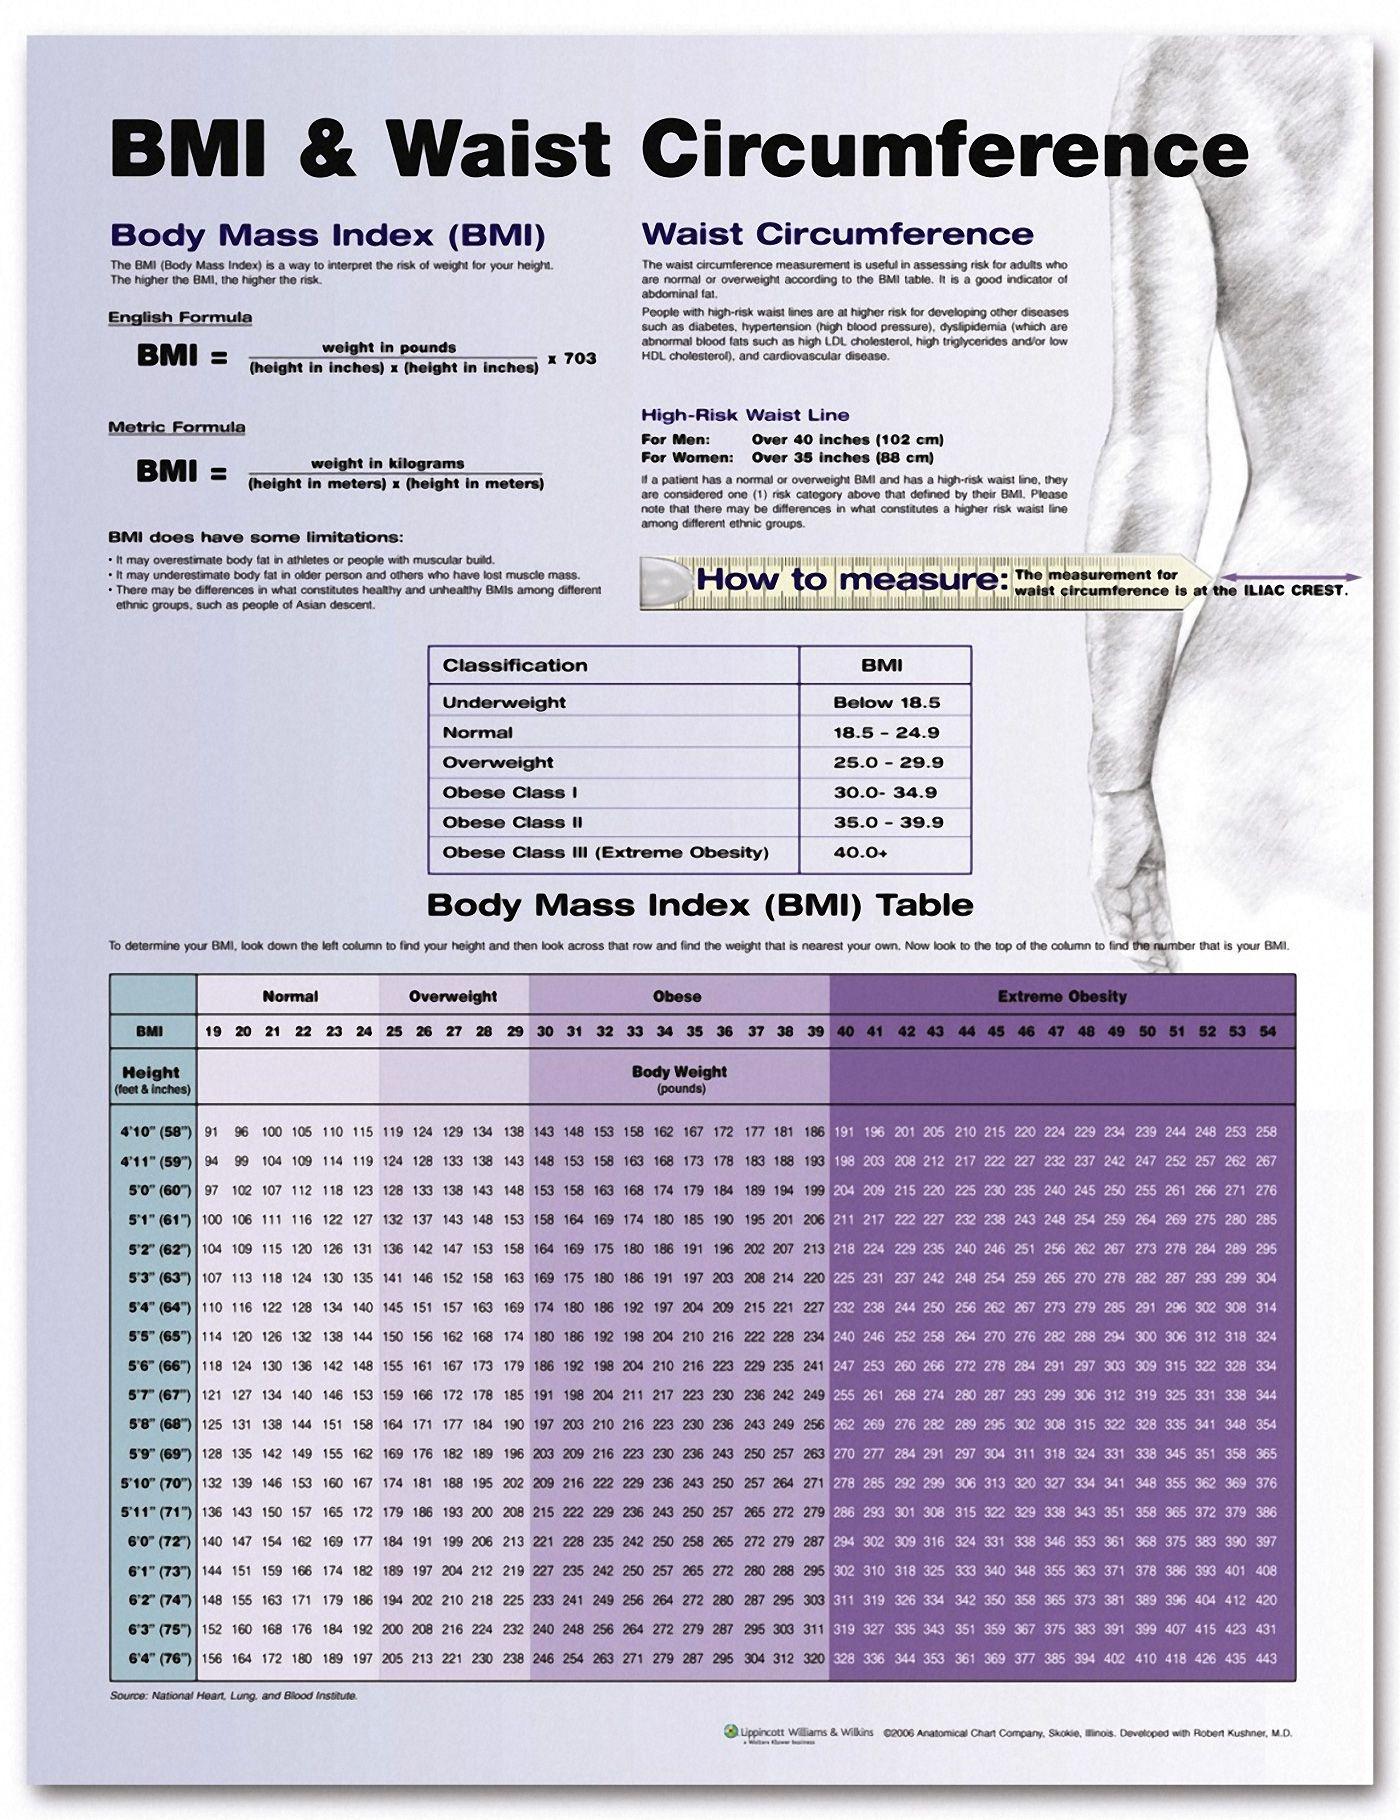 Bmi And Waist Circumference Chart